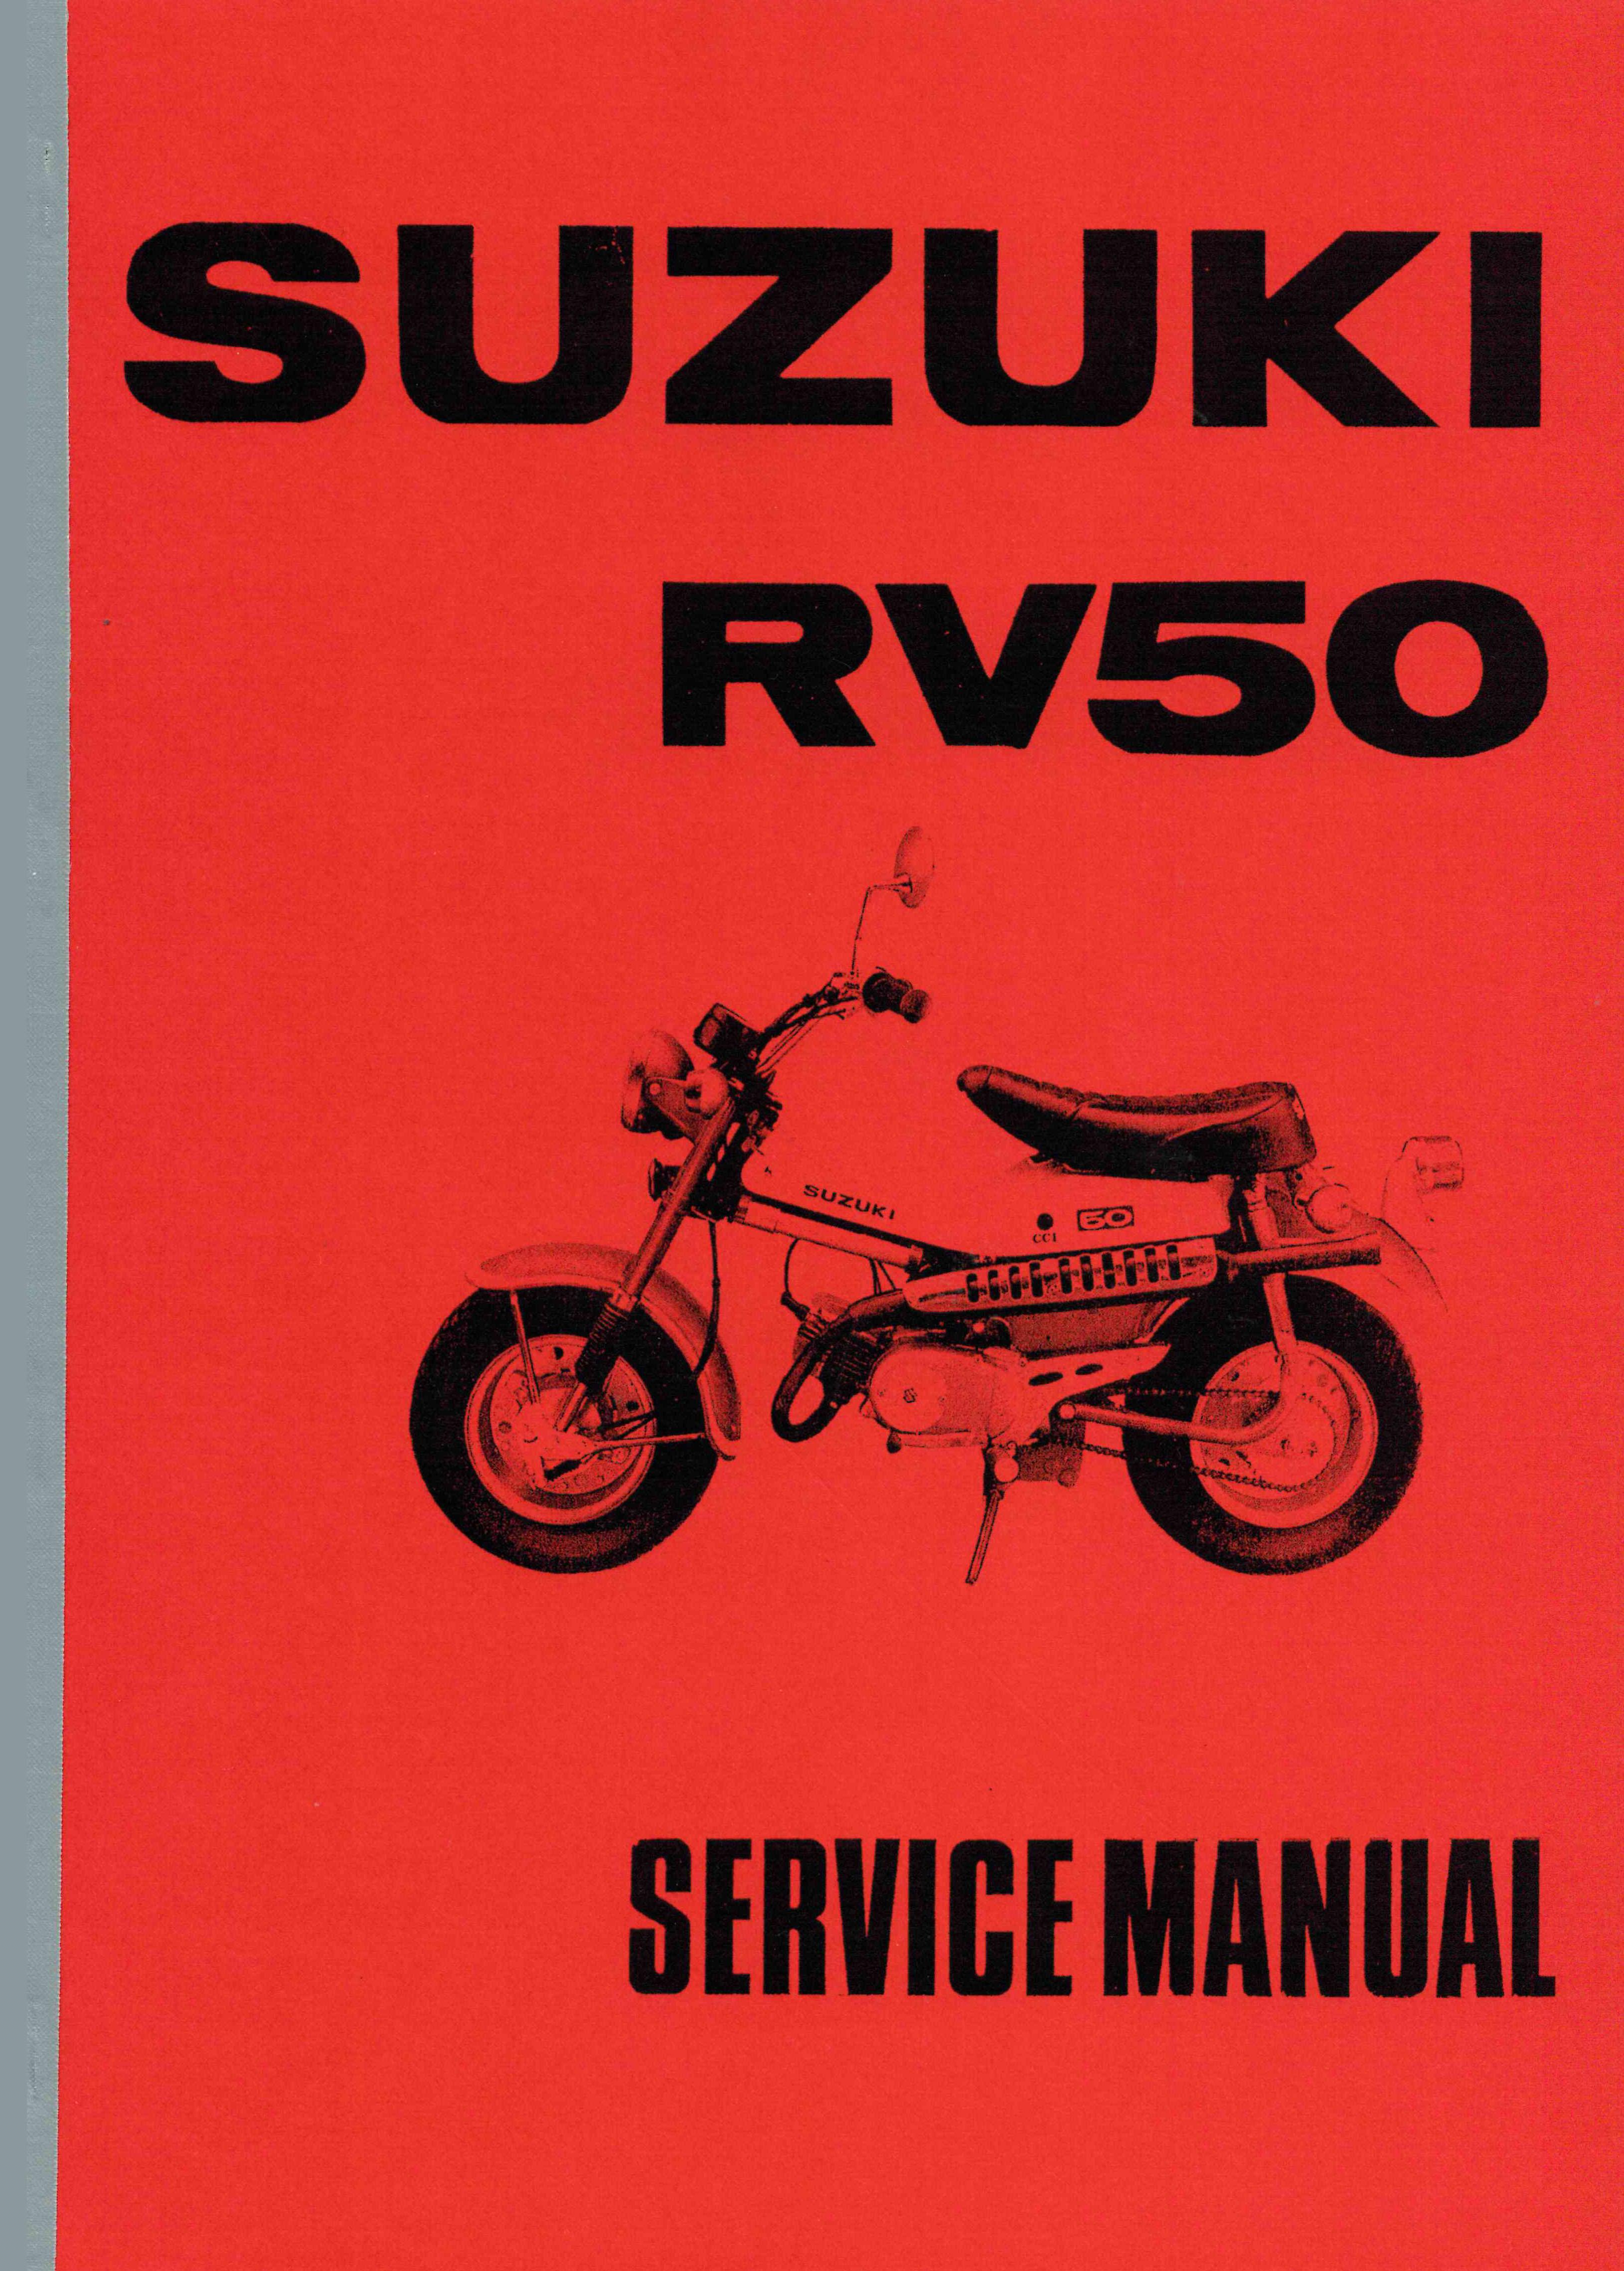 Suzuki RV 50 Service Manual Bedienung Anleitung Daten Technik Handbuch Neu